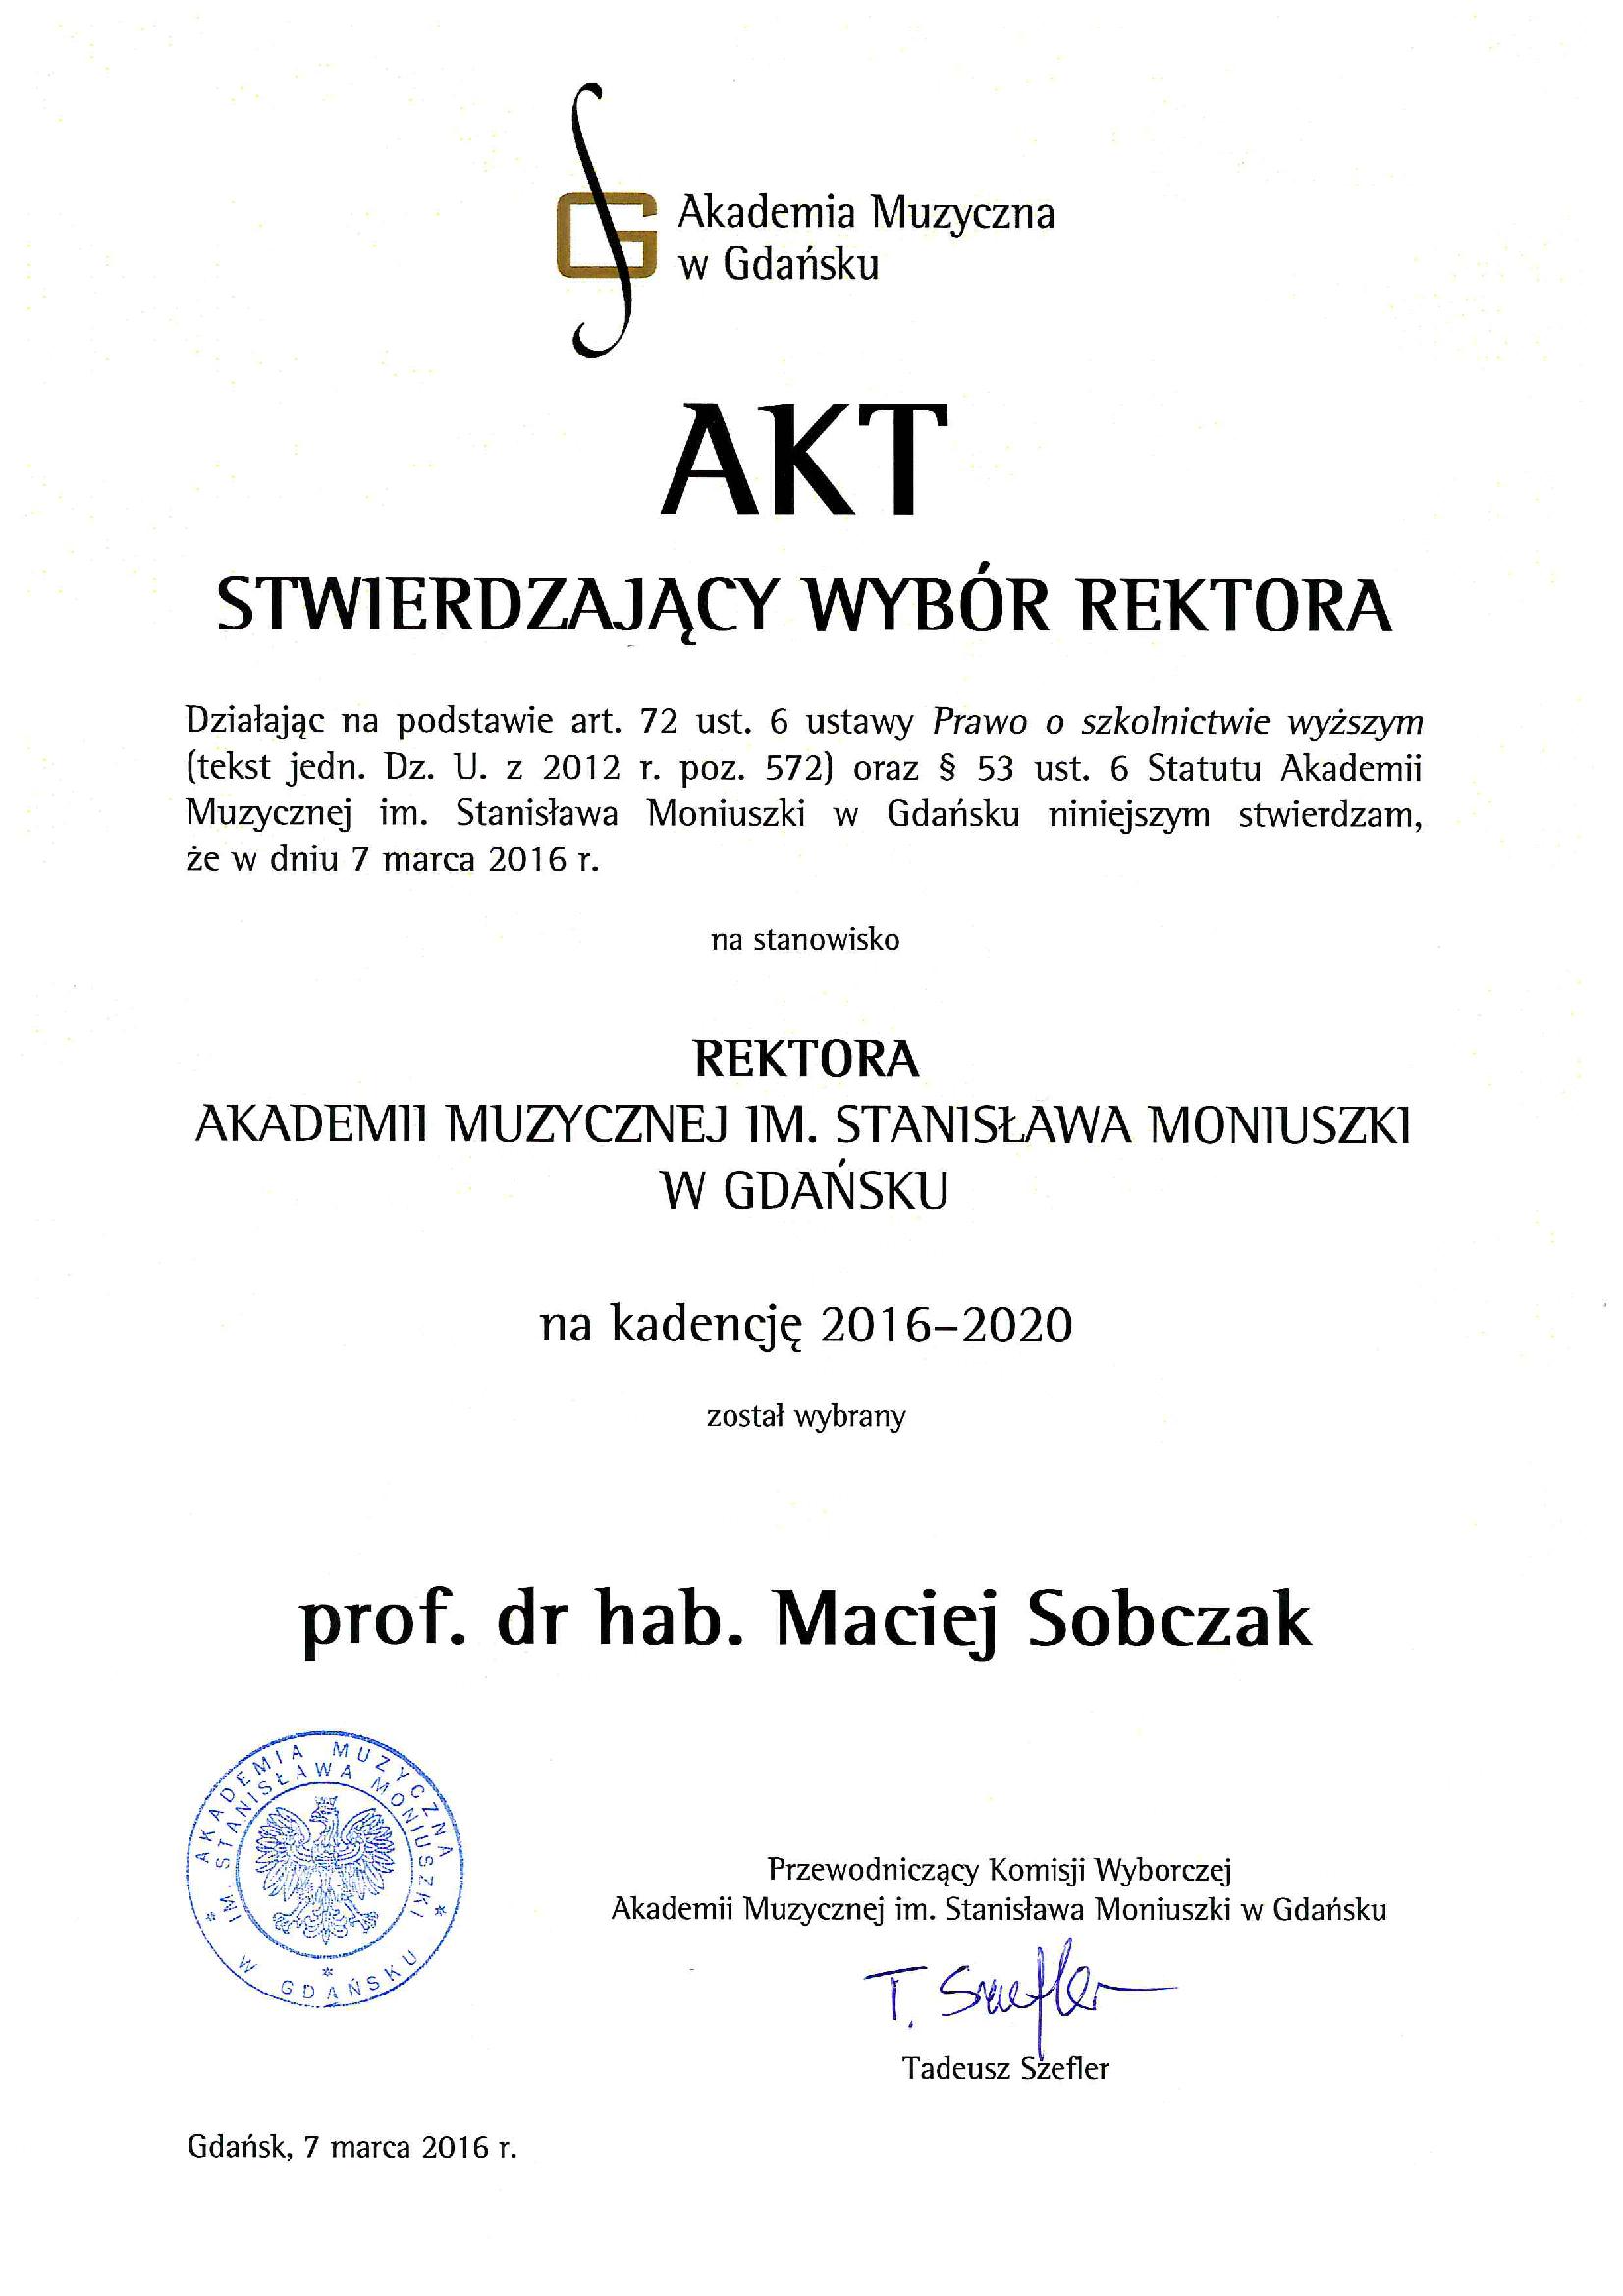 akt_stwierdzajacy_wybor_rektora_2016-2020